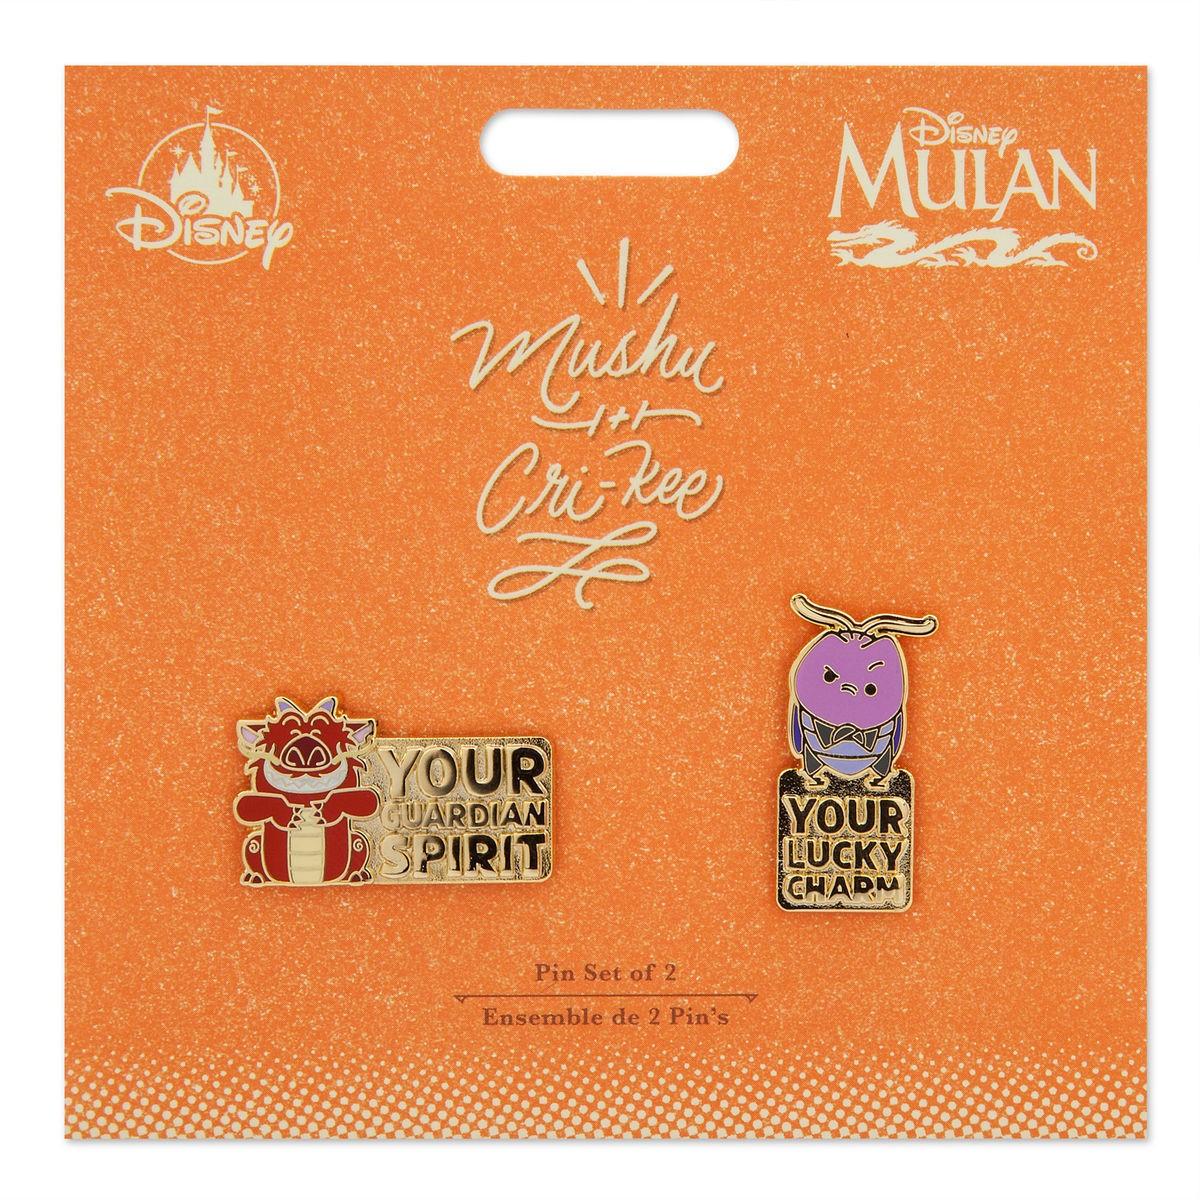 Mushu and Cri-Kee 2 pin set